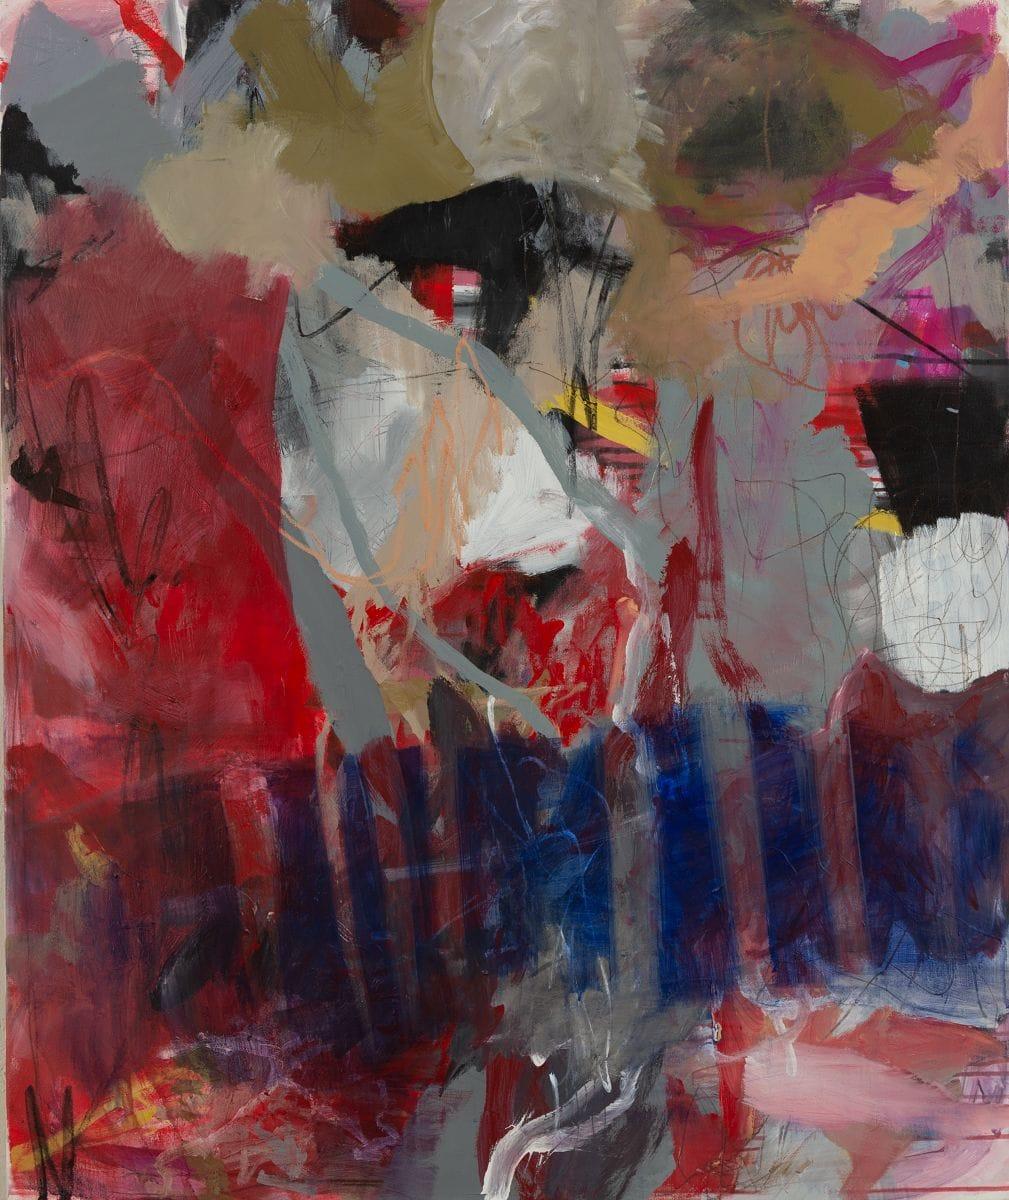 Malerei Ina Bachem 2018 (16)